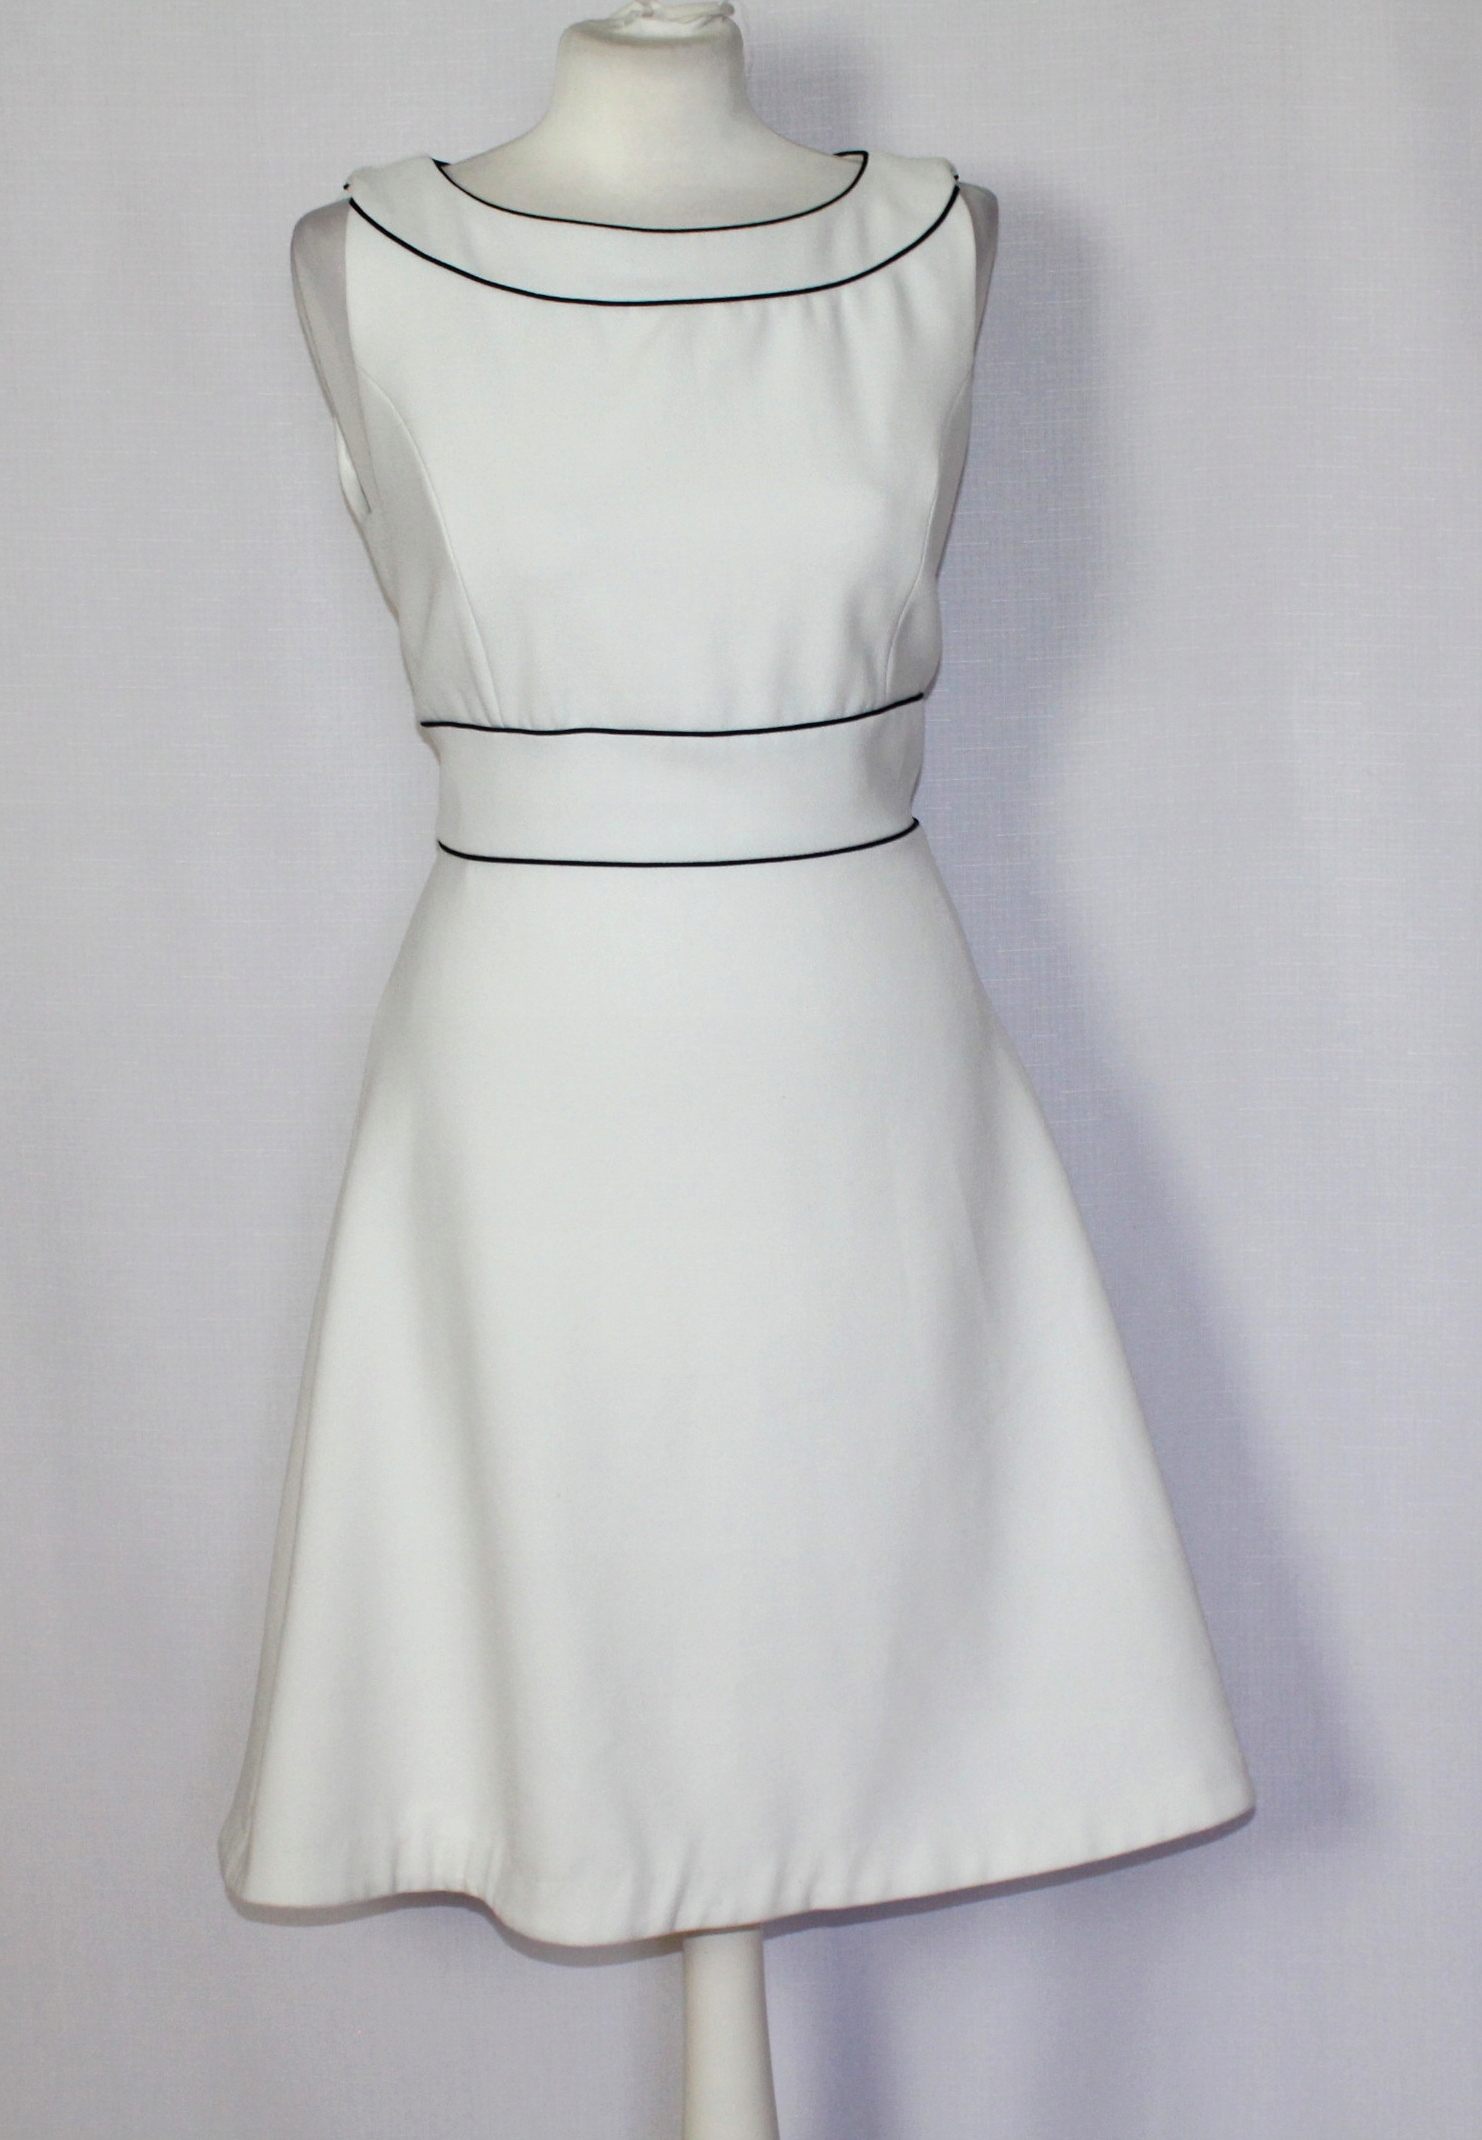 df0bfe7303 Biała rozkloszowana sukienka CAMAIEU 40 12 lamówka - 7673312506 ...